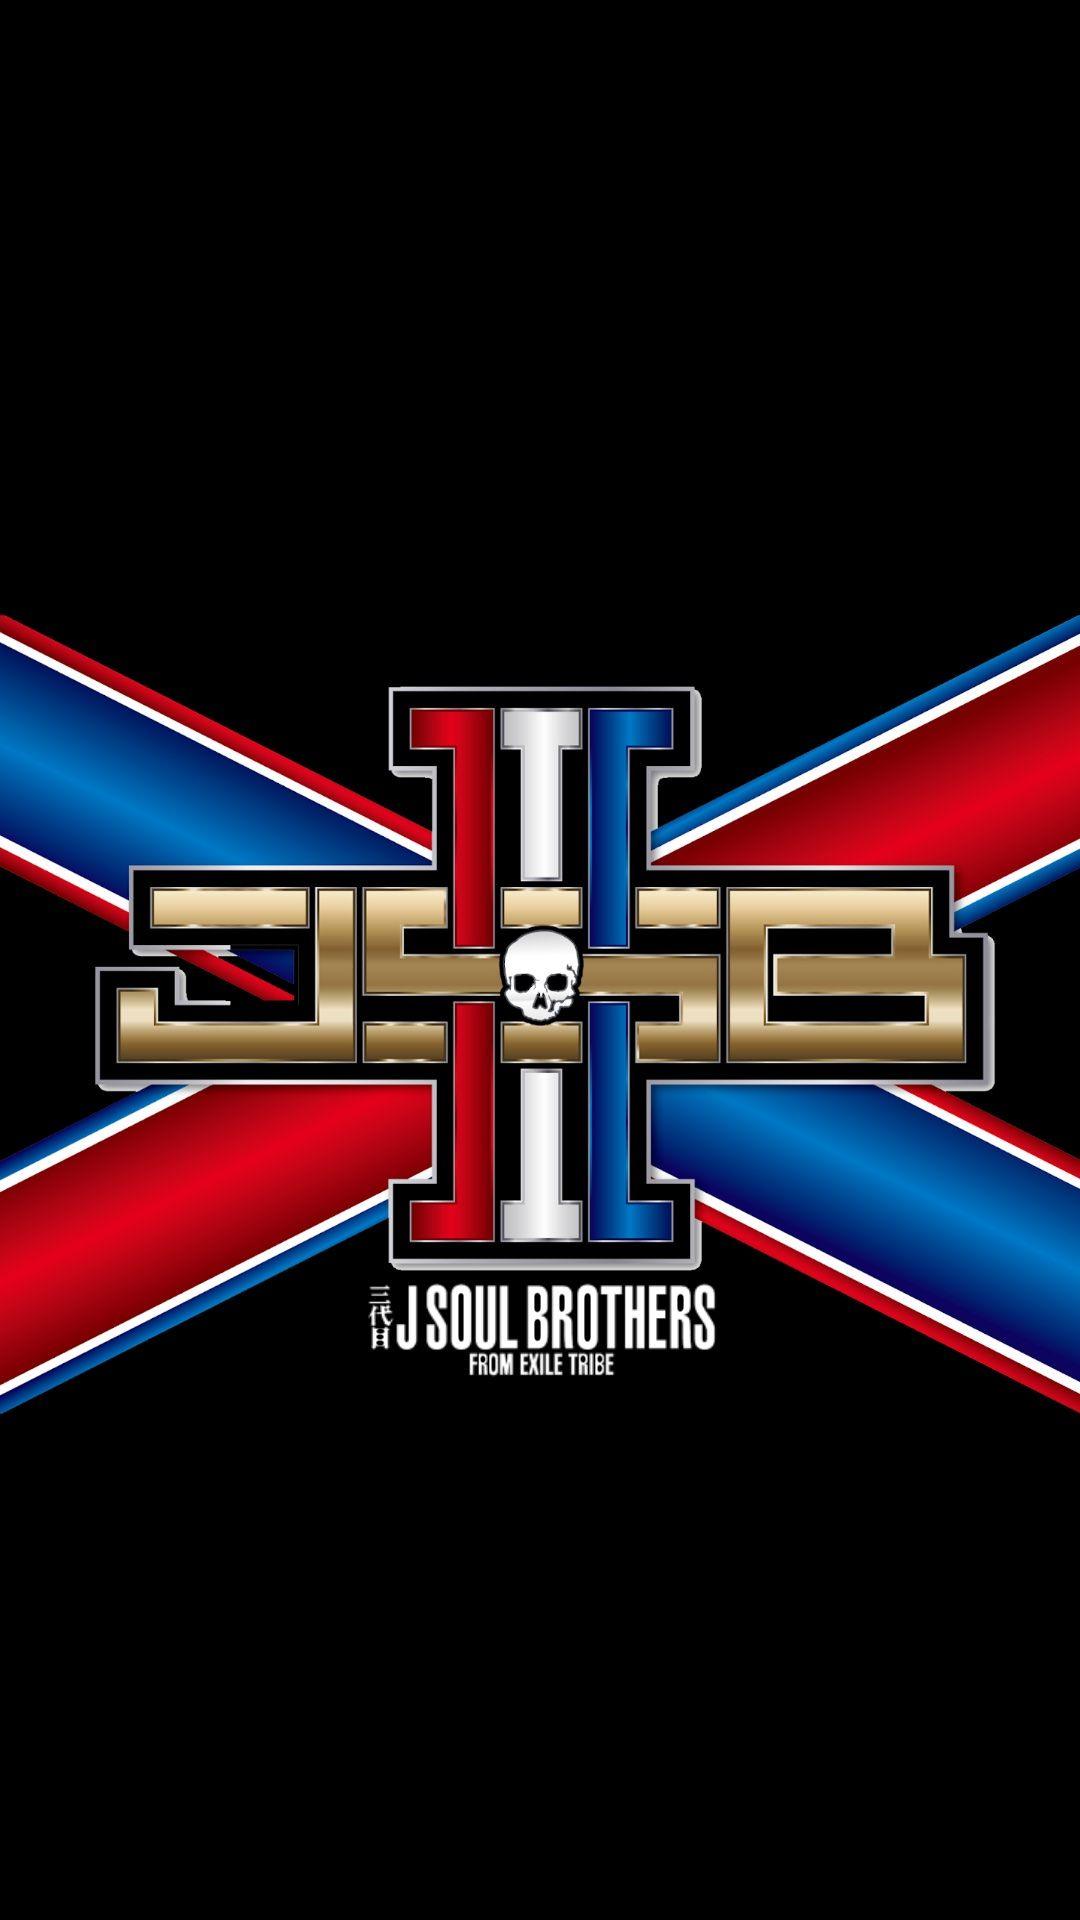 三代目 J Soul Brothersの高画質スマホ壁紙40枚 三代目j Soul Brothers スマホ壁紙 Iphone壁紙